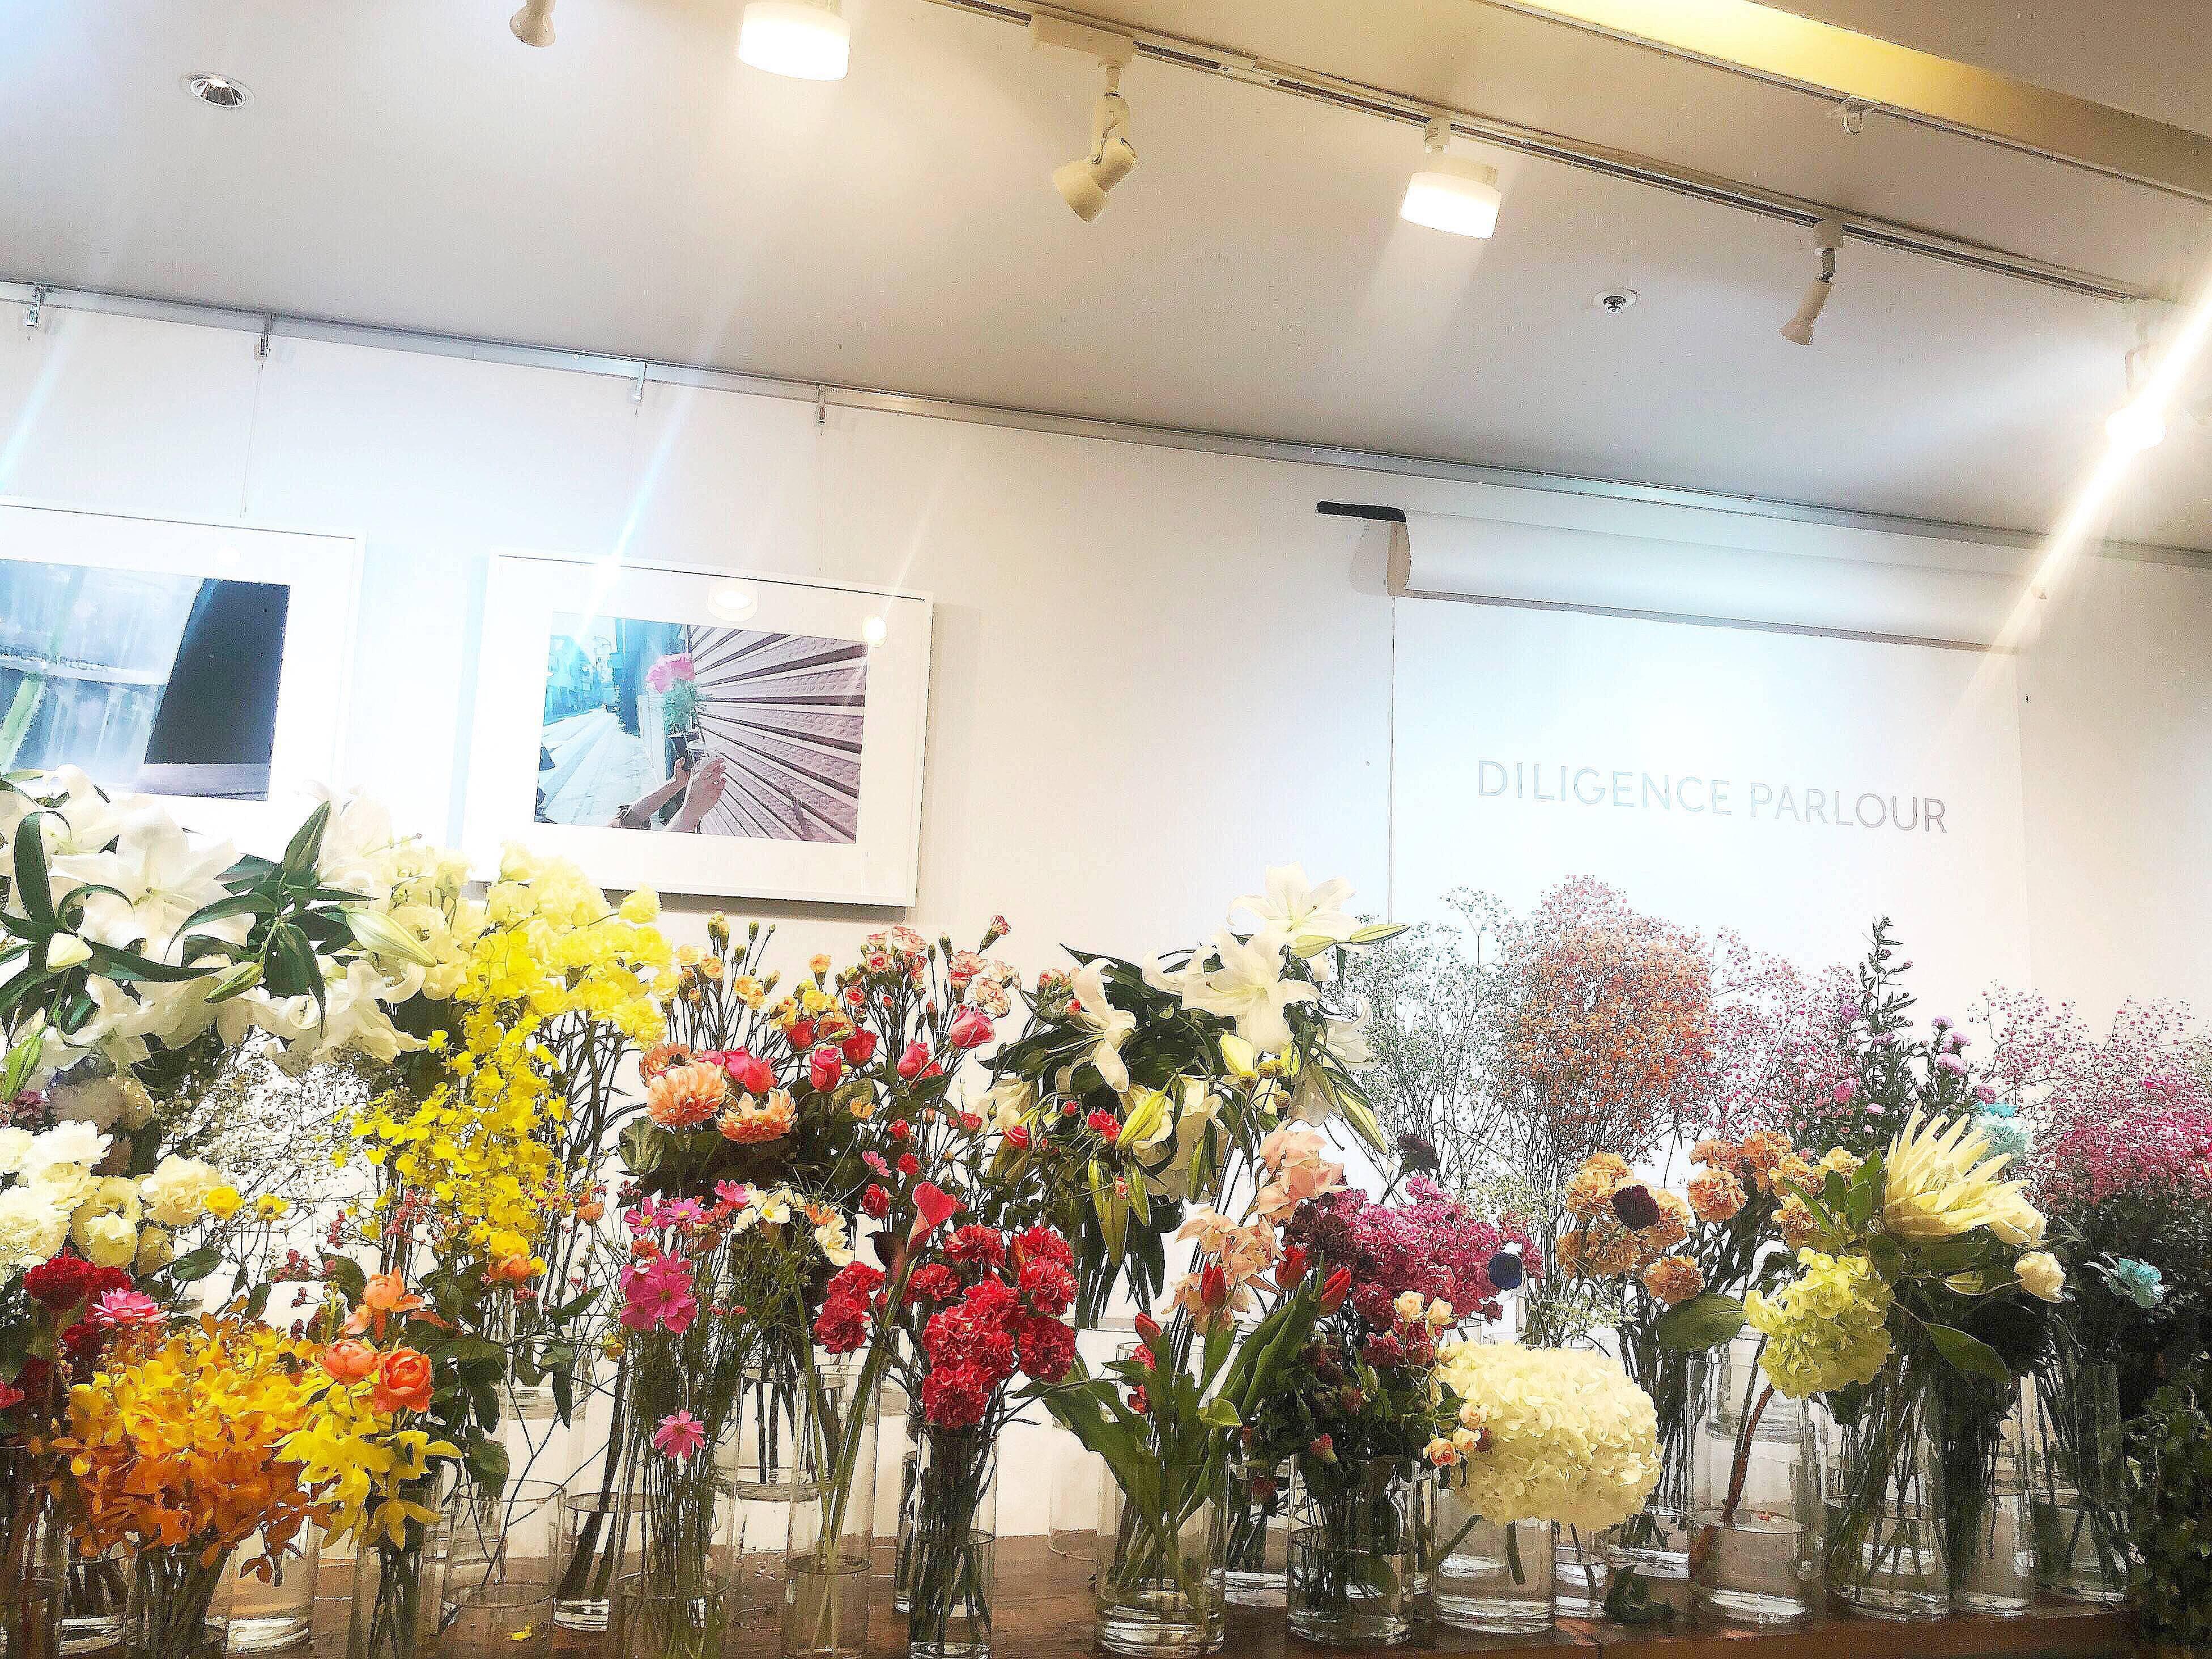 Vol.79♡ クリアバッグがおしゃれ!表参道にある花屋【DILIGENCE PARLOUR】_1_1